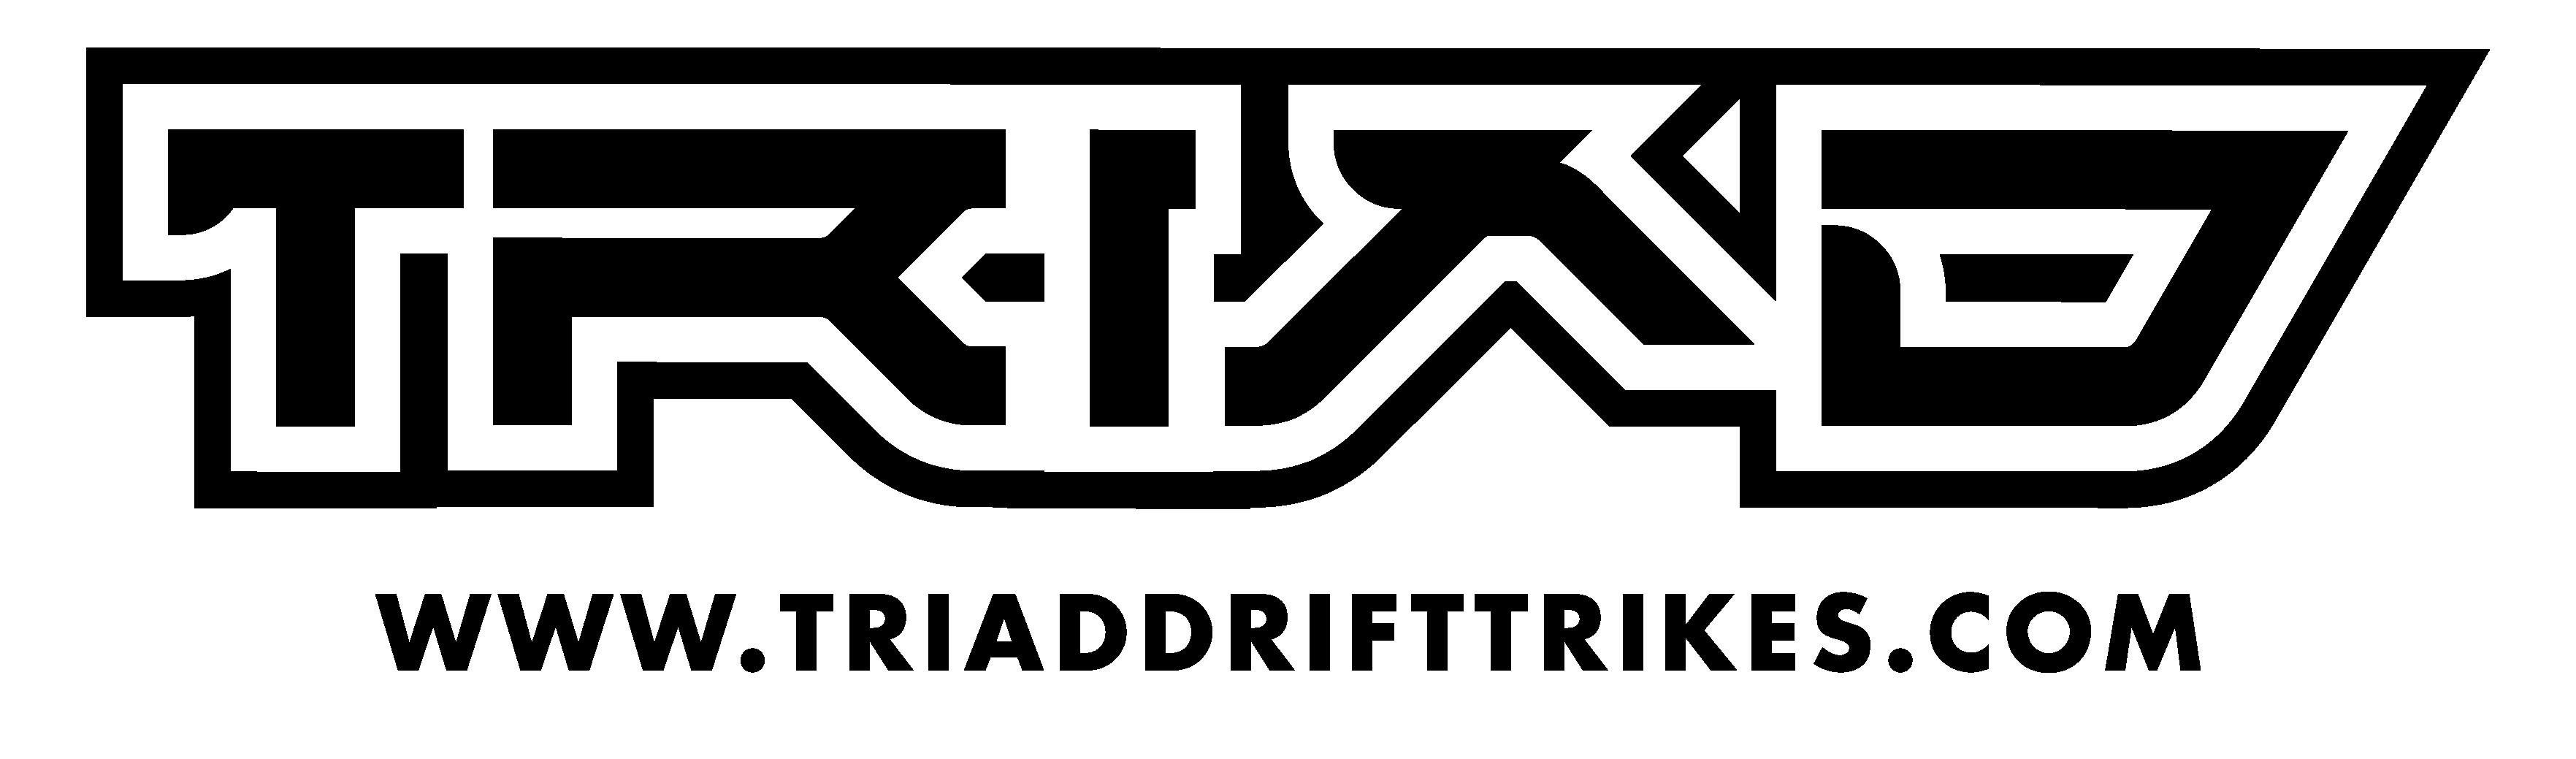 Triad Drifttrikes